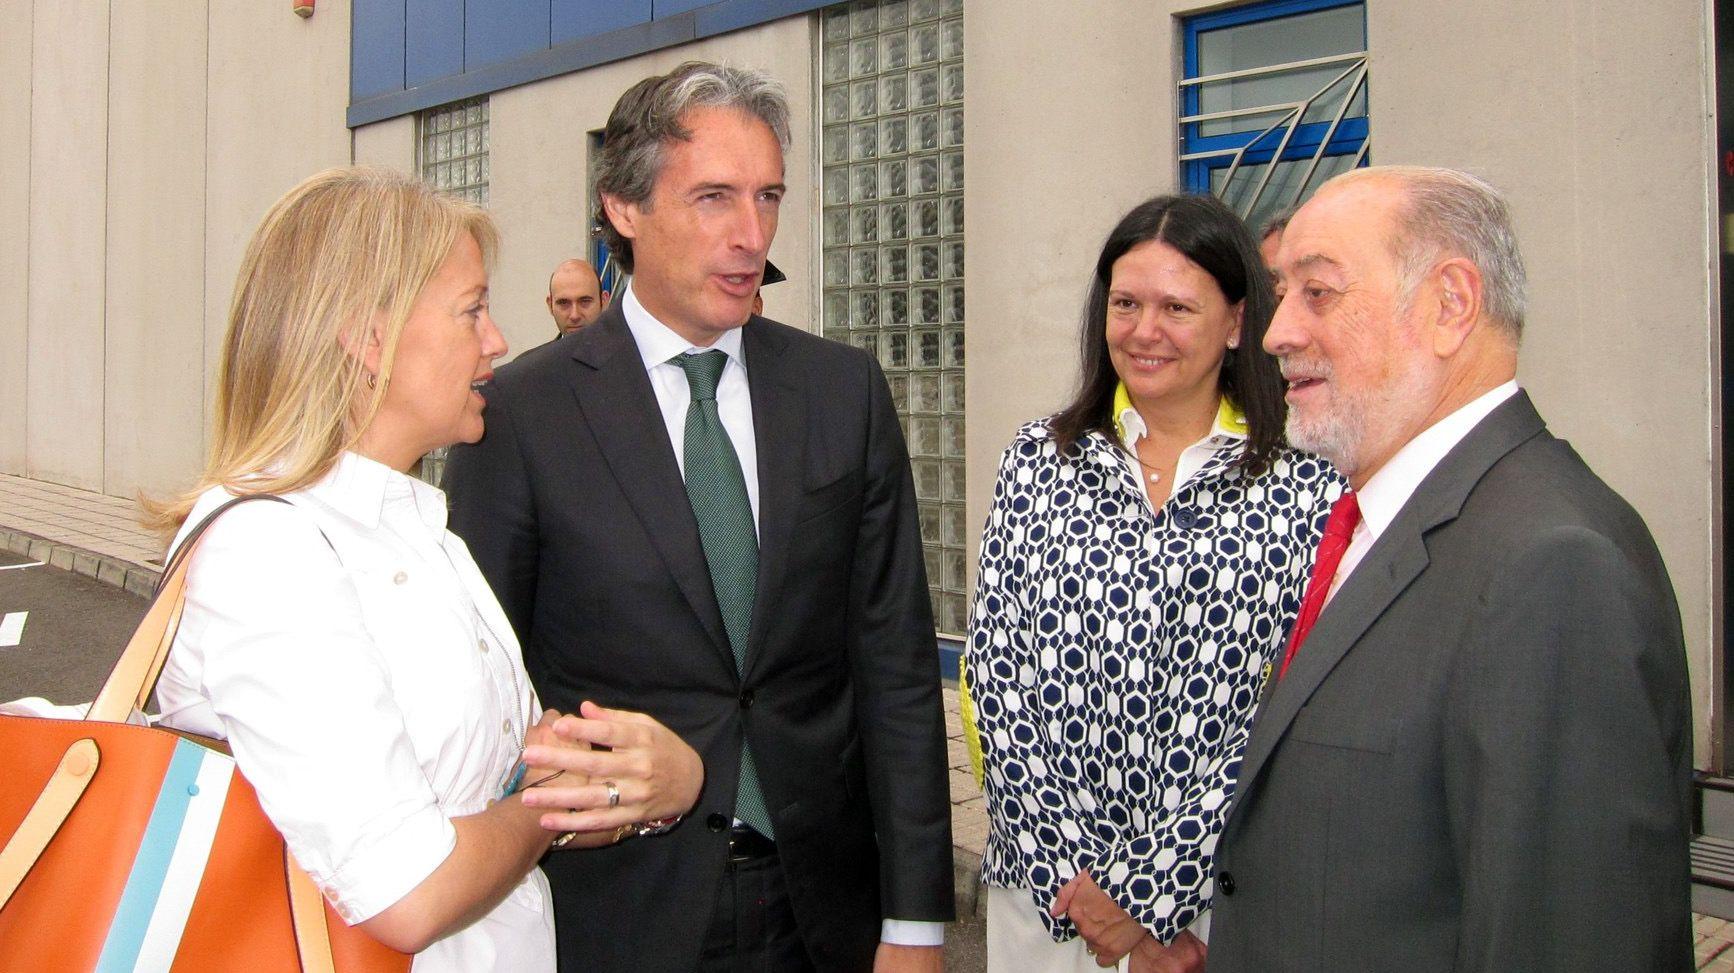 Fernando Lastra atiende a los medios de comunicación.De Lorenzo, Lastra, Moriyón y De la Serna